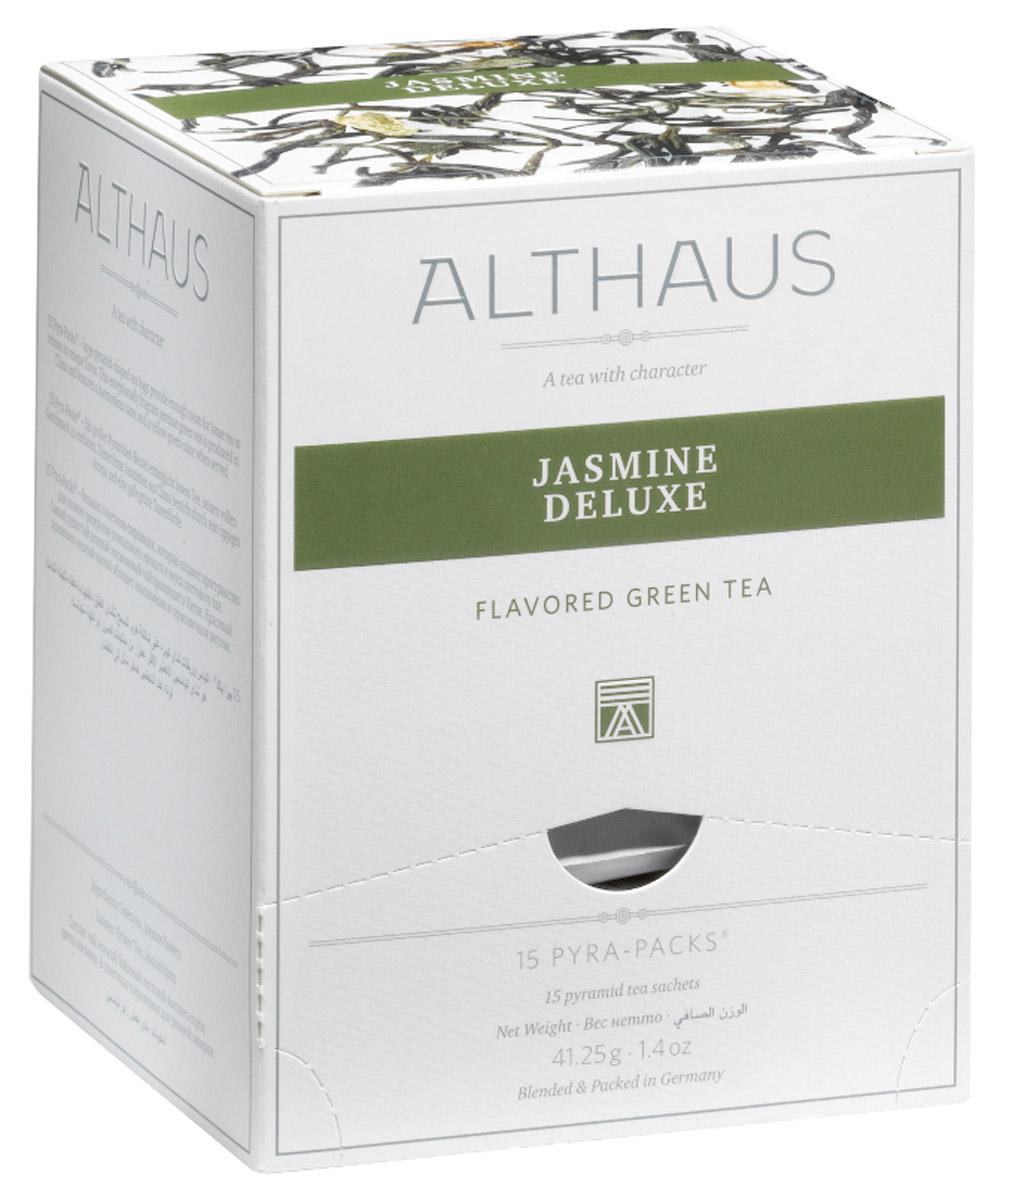 Althaus Jasmine Deluxe чай зеленый ароматизированный в пирамидках, 15 шт101246Необыкновенно изысканный зеленый чай Althaus Jasmine Deluxe отличается нежным фруктовым букетом с характерными медово-цветочными нотками. Пленительный, густой ориентально-амбровый аромат летних цветов постепенно превращается в легкий и прозрачный оттенок, напоминающий запах холодного хрустального воздуха во время первой весенней капели.Althaus Jasmine Deluxe изготавливается по традиционной китайской технологии, во время которой отборный зеленый чай смешивается с еще нераскрывшимися бутонами белоснежного жасмина. Чай, насыщенный эфирными маслами летних цветов, оказывает гармонизирующее воздействие на организм человека и обладает расслабляющим эффектом.Pyra-Pack - это коллекция из 13 купажей, в которую вошли лучшие сорта высококачественного листового чая, а также отборные смеси из цельных кусочков фруктов, ягод, цветочных лепестков, целебных трав. Pyra-Pack представляет собой инновационный вариант высокотехнологичной упаковки - нейлоновые пирамидки: Пакетики в форме пирамидок создают пространство для свободного распределения чаинок, тем самым повышая степень и скорость экстракции чая. Нейлон обладает отличной пропускной способностью, поэтому чай, заваренный в нейлоновых пирамидках, получается особо насыщенным по вкусу и ароматным. Пирамидки максимально упрощают процедуру заваривания чая, при этом сохраняя эстетический эффект традиционного чаепития.